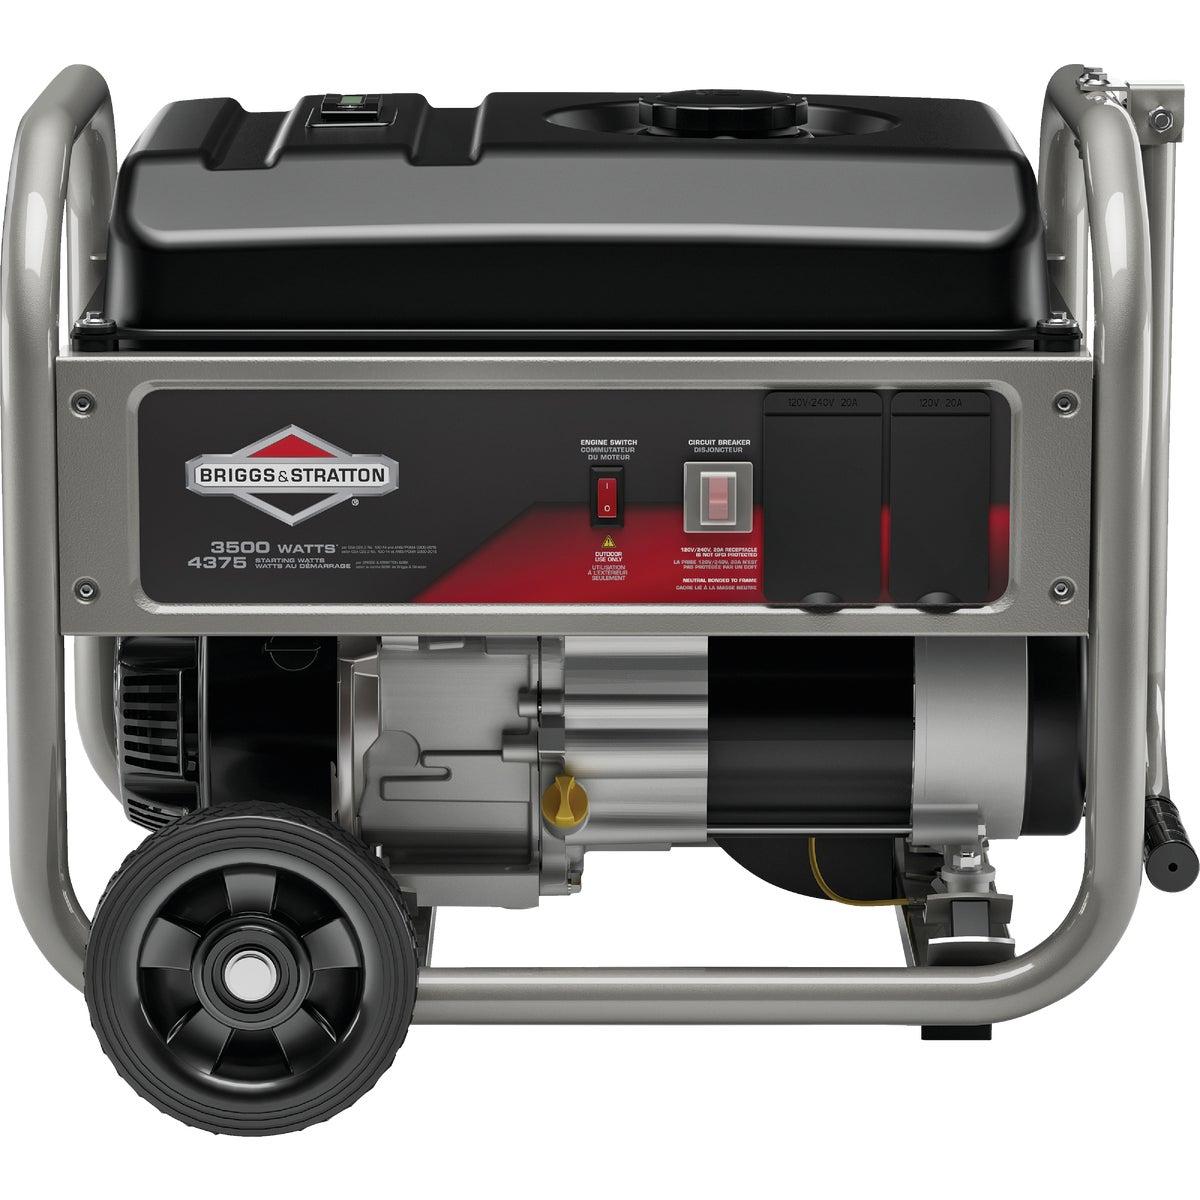 Briggs & Stratton 3500W Portable Generator